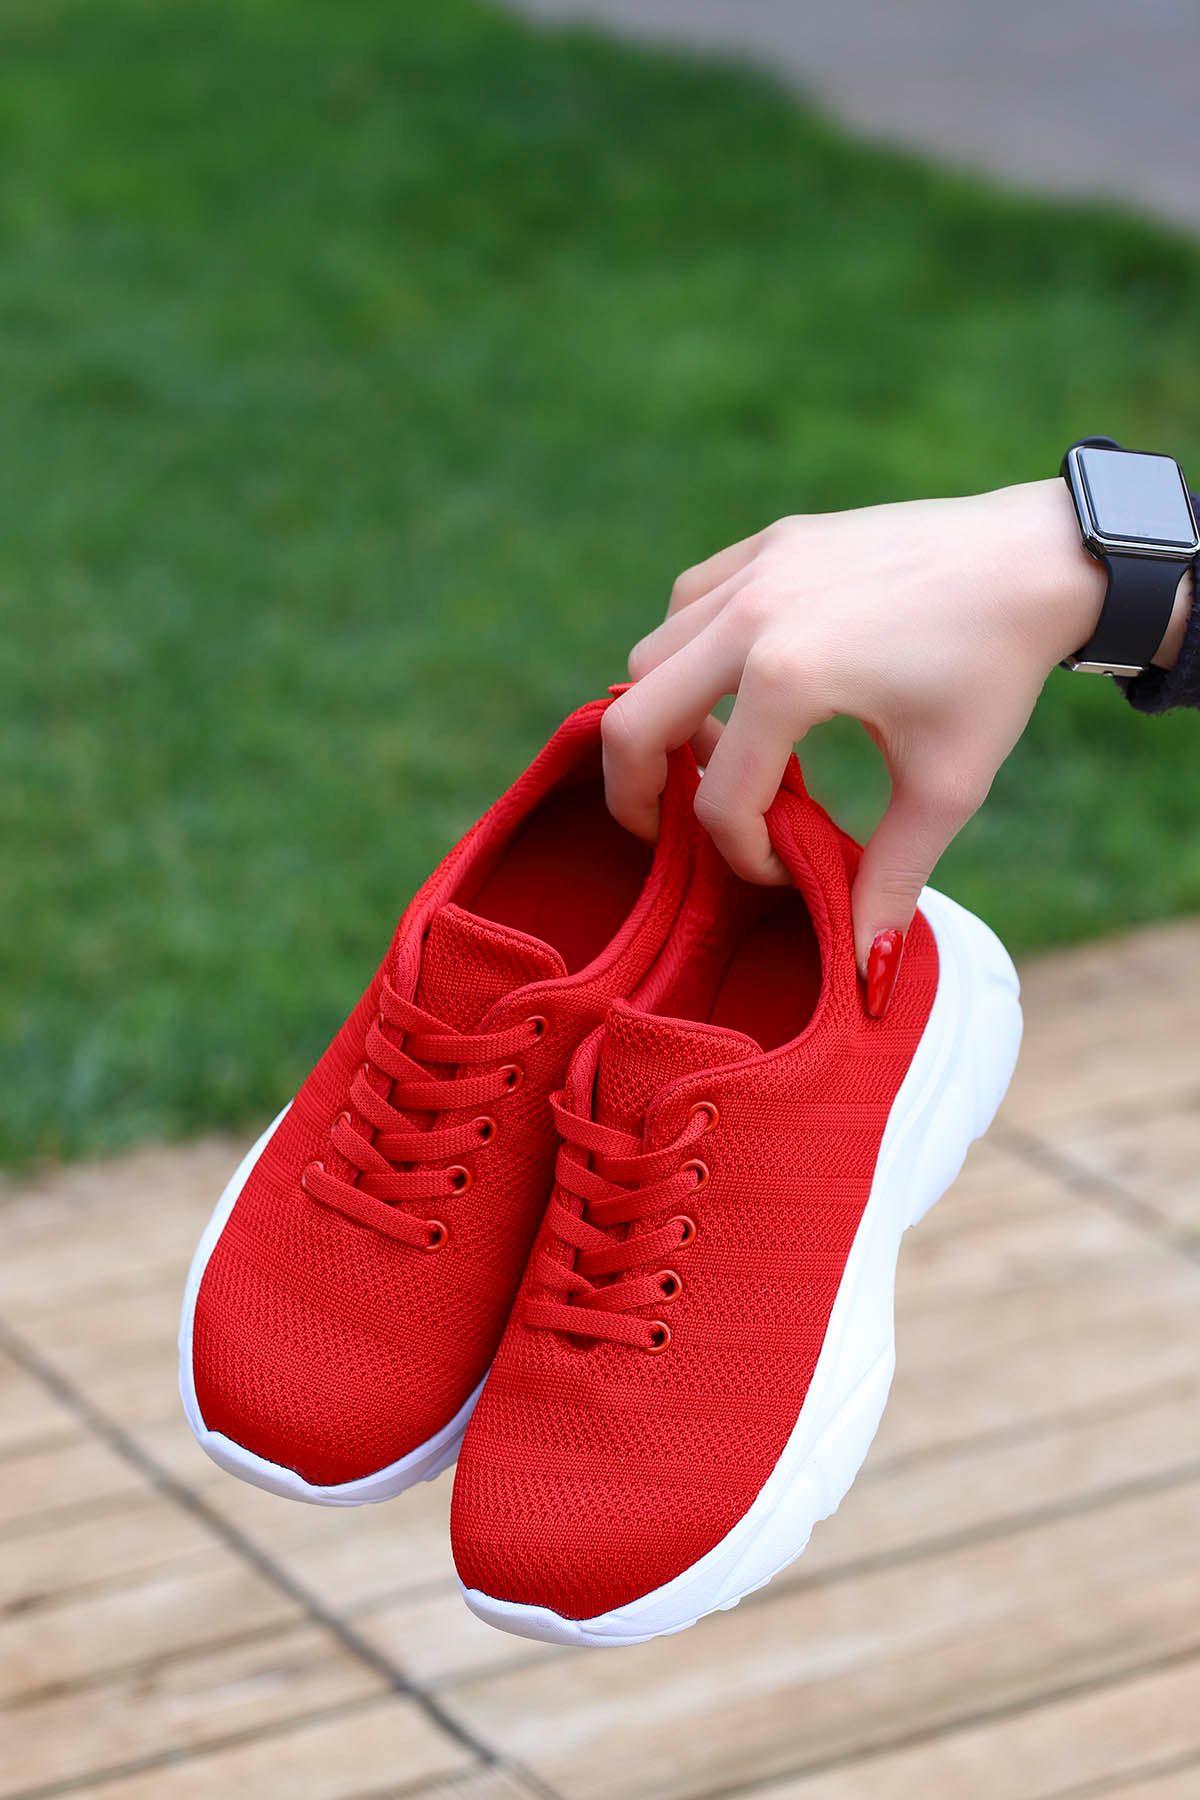 Jack Tabanlı Triko Spor Ayakkabı Kırmızı